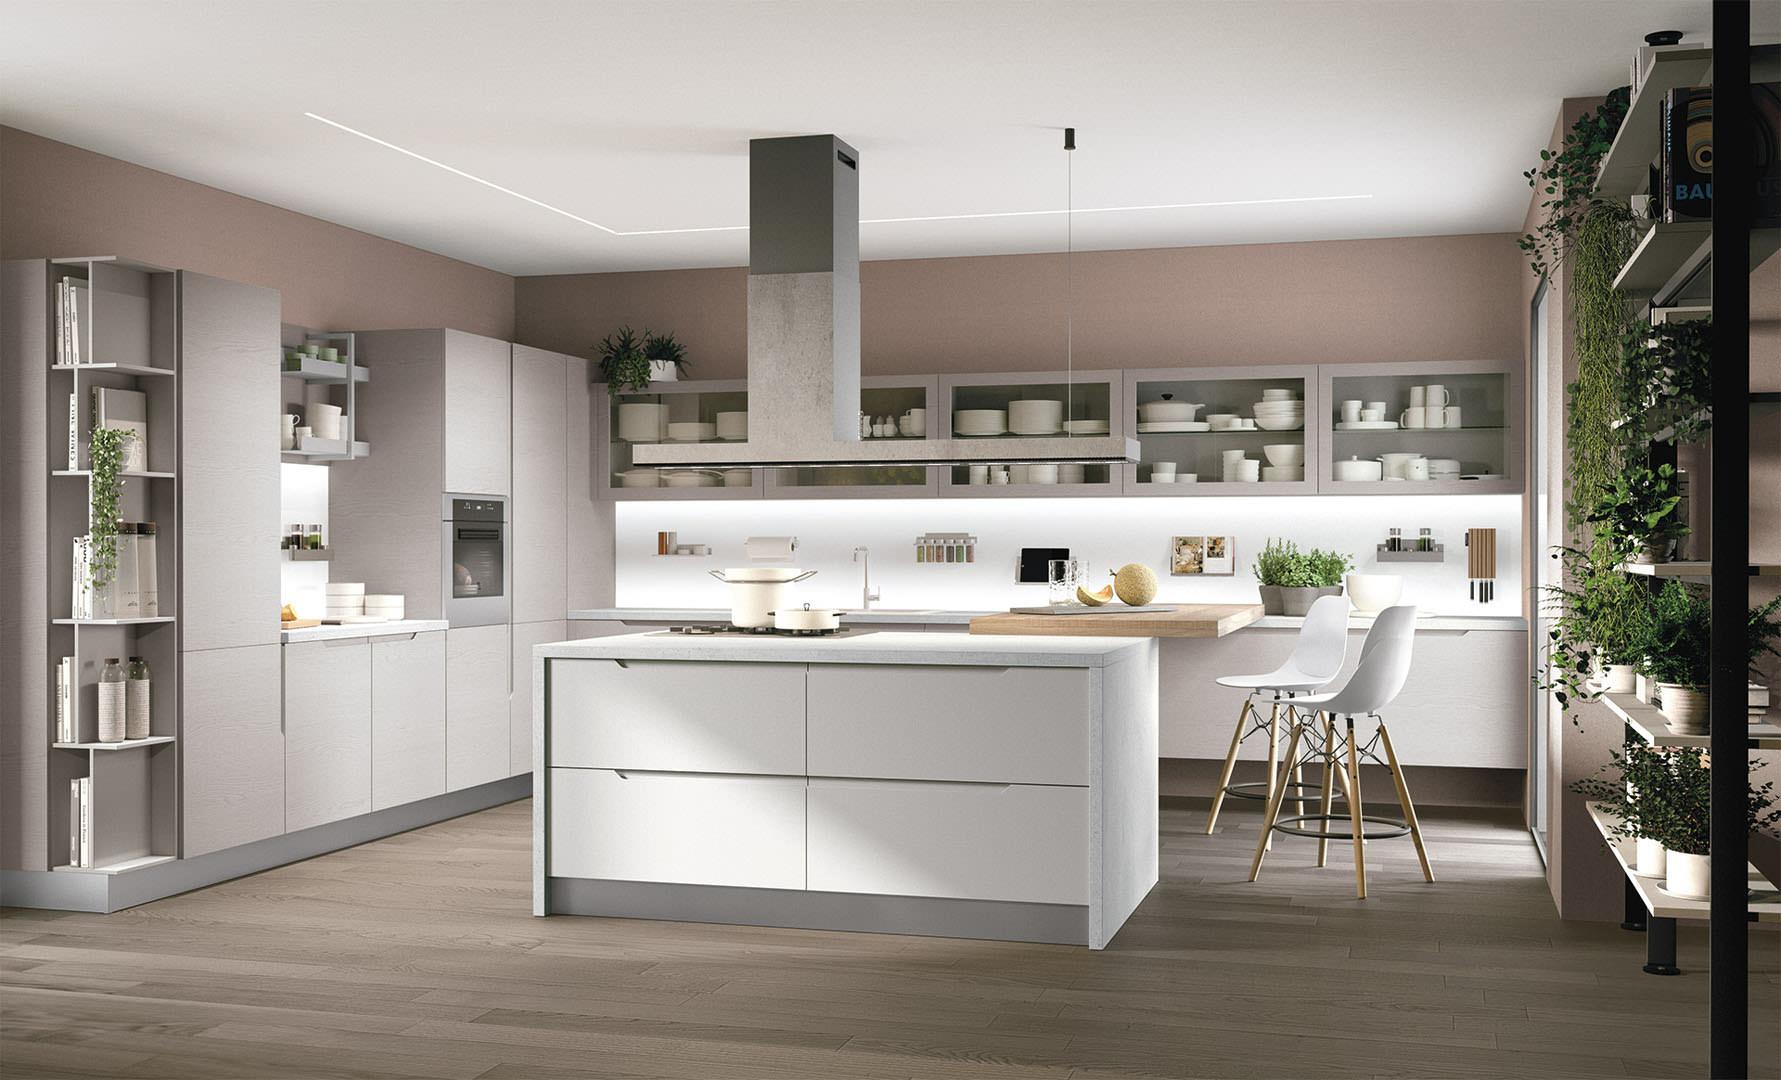 Cucina moderna LUBE LUNA  estrema eleganza e praticit